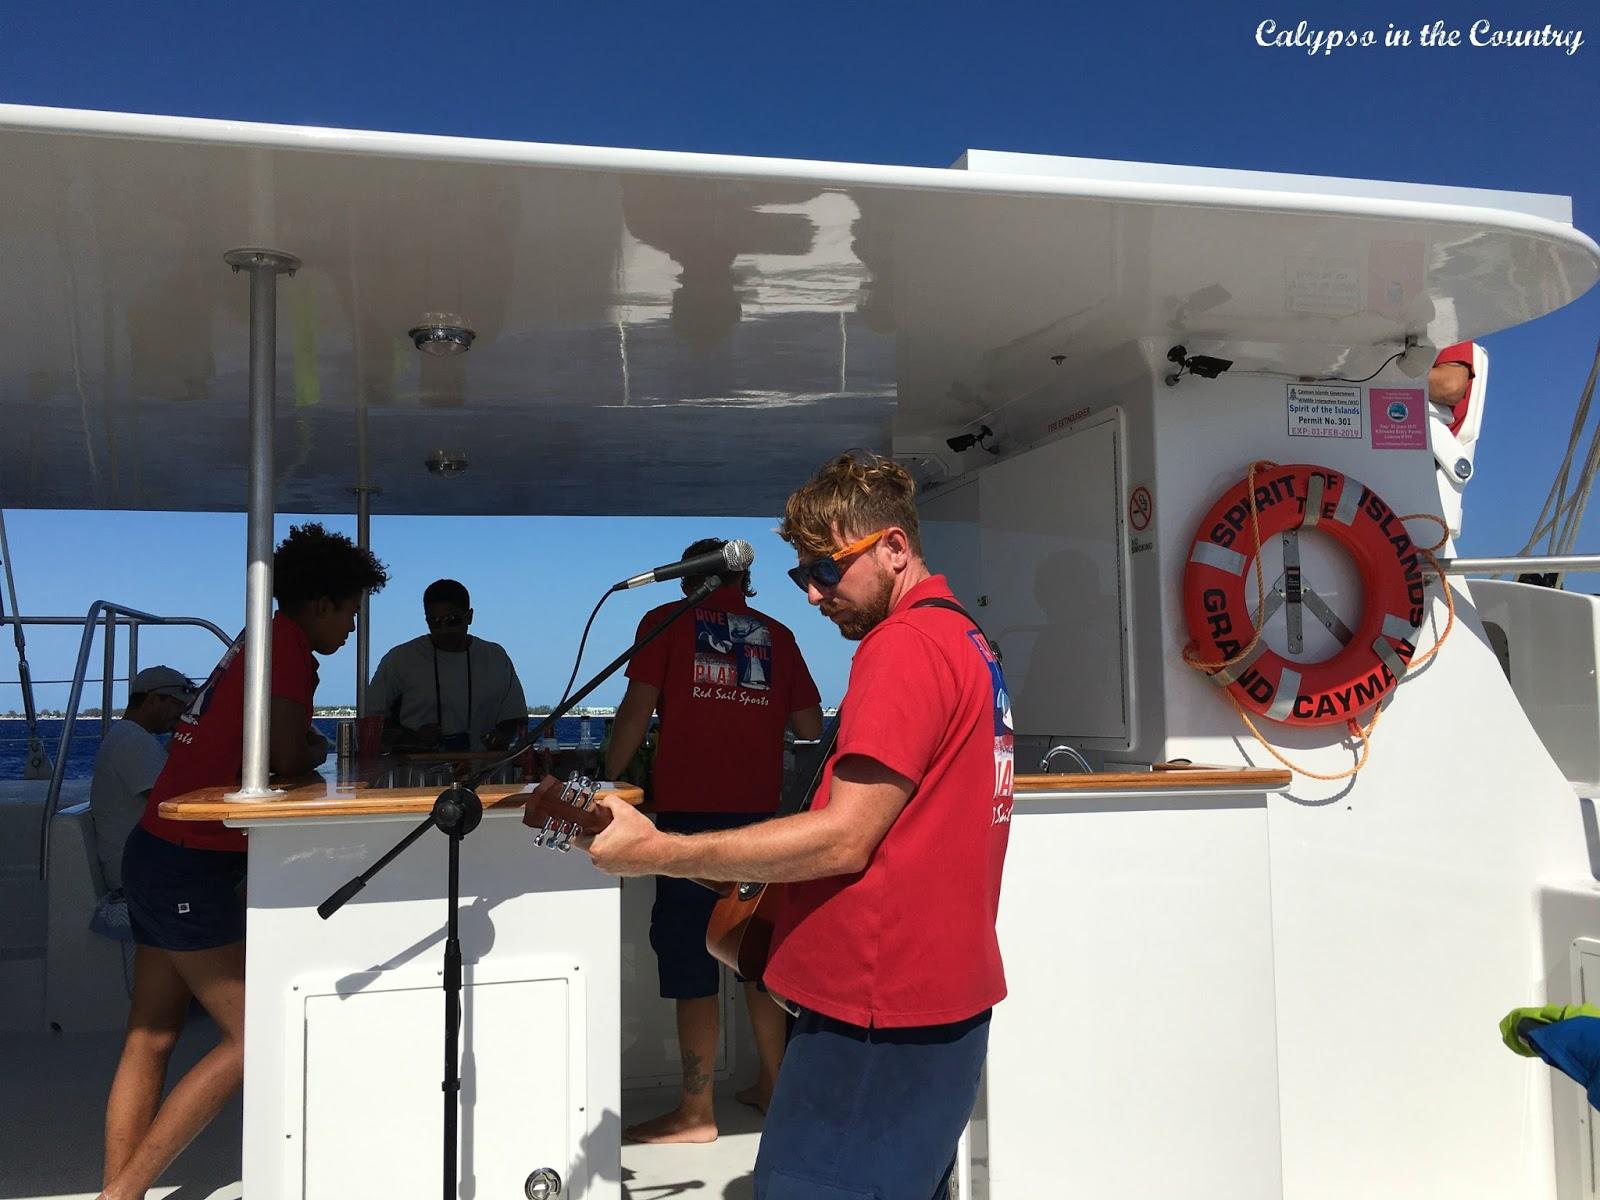 Red Sail Sports Catamaran